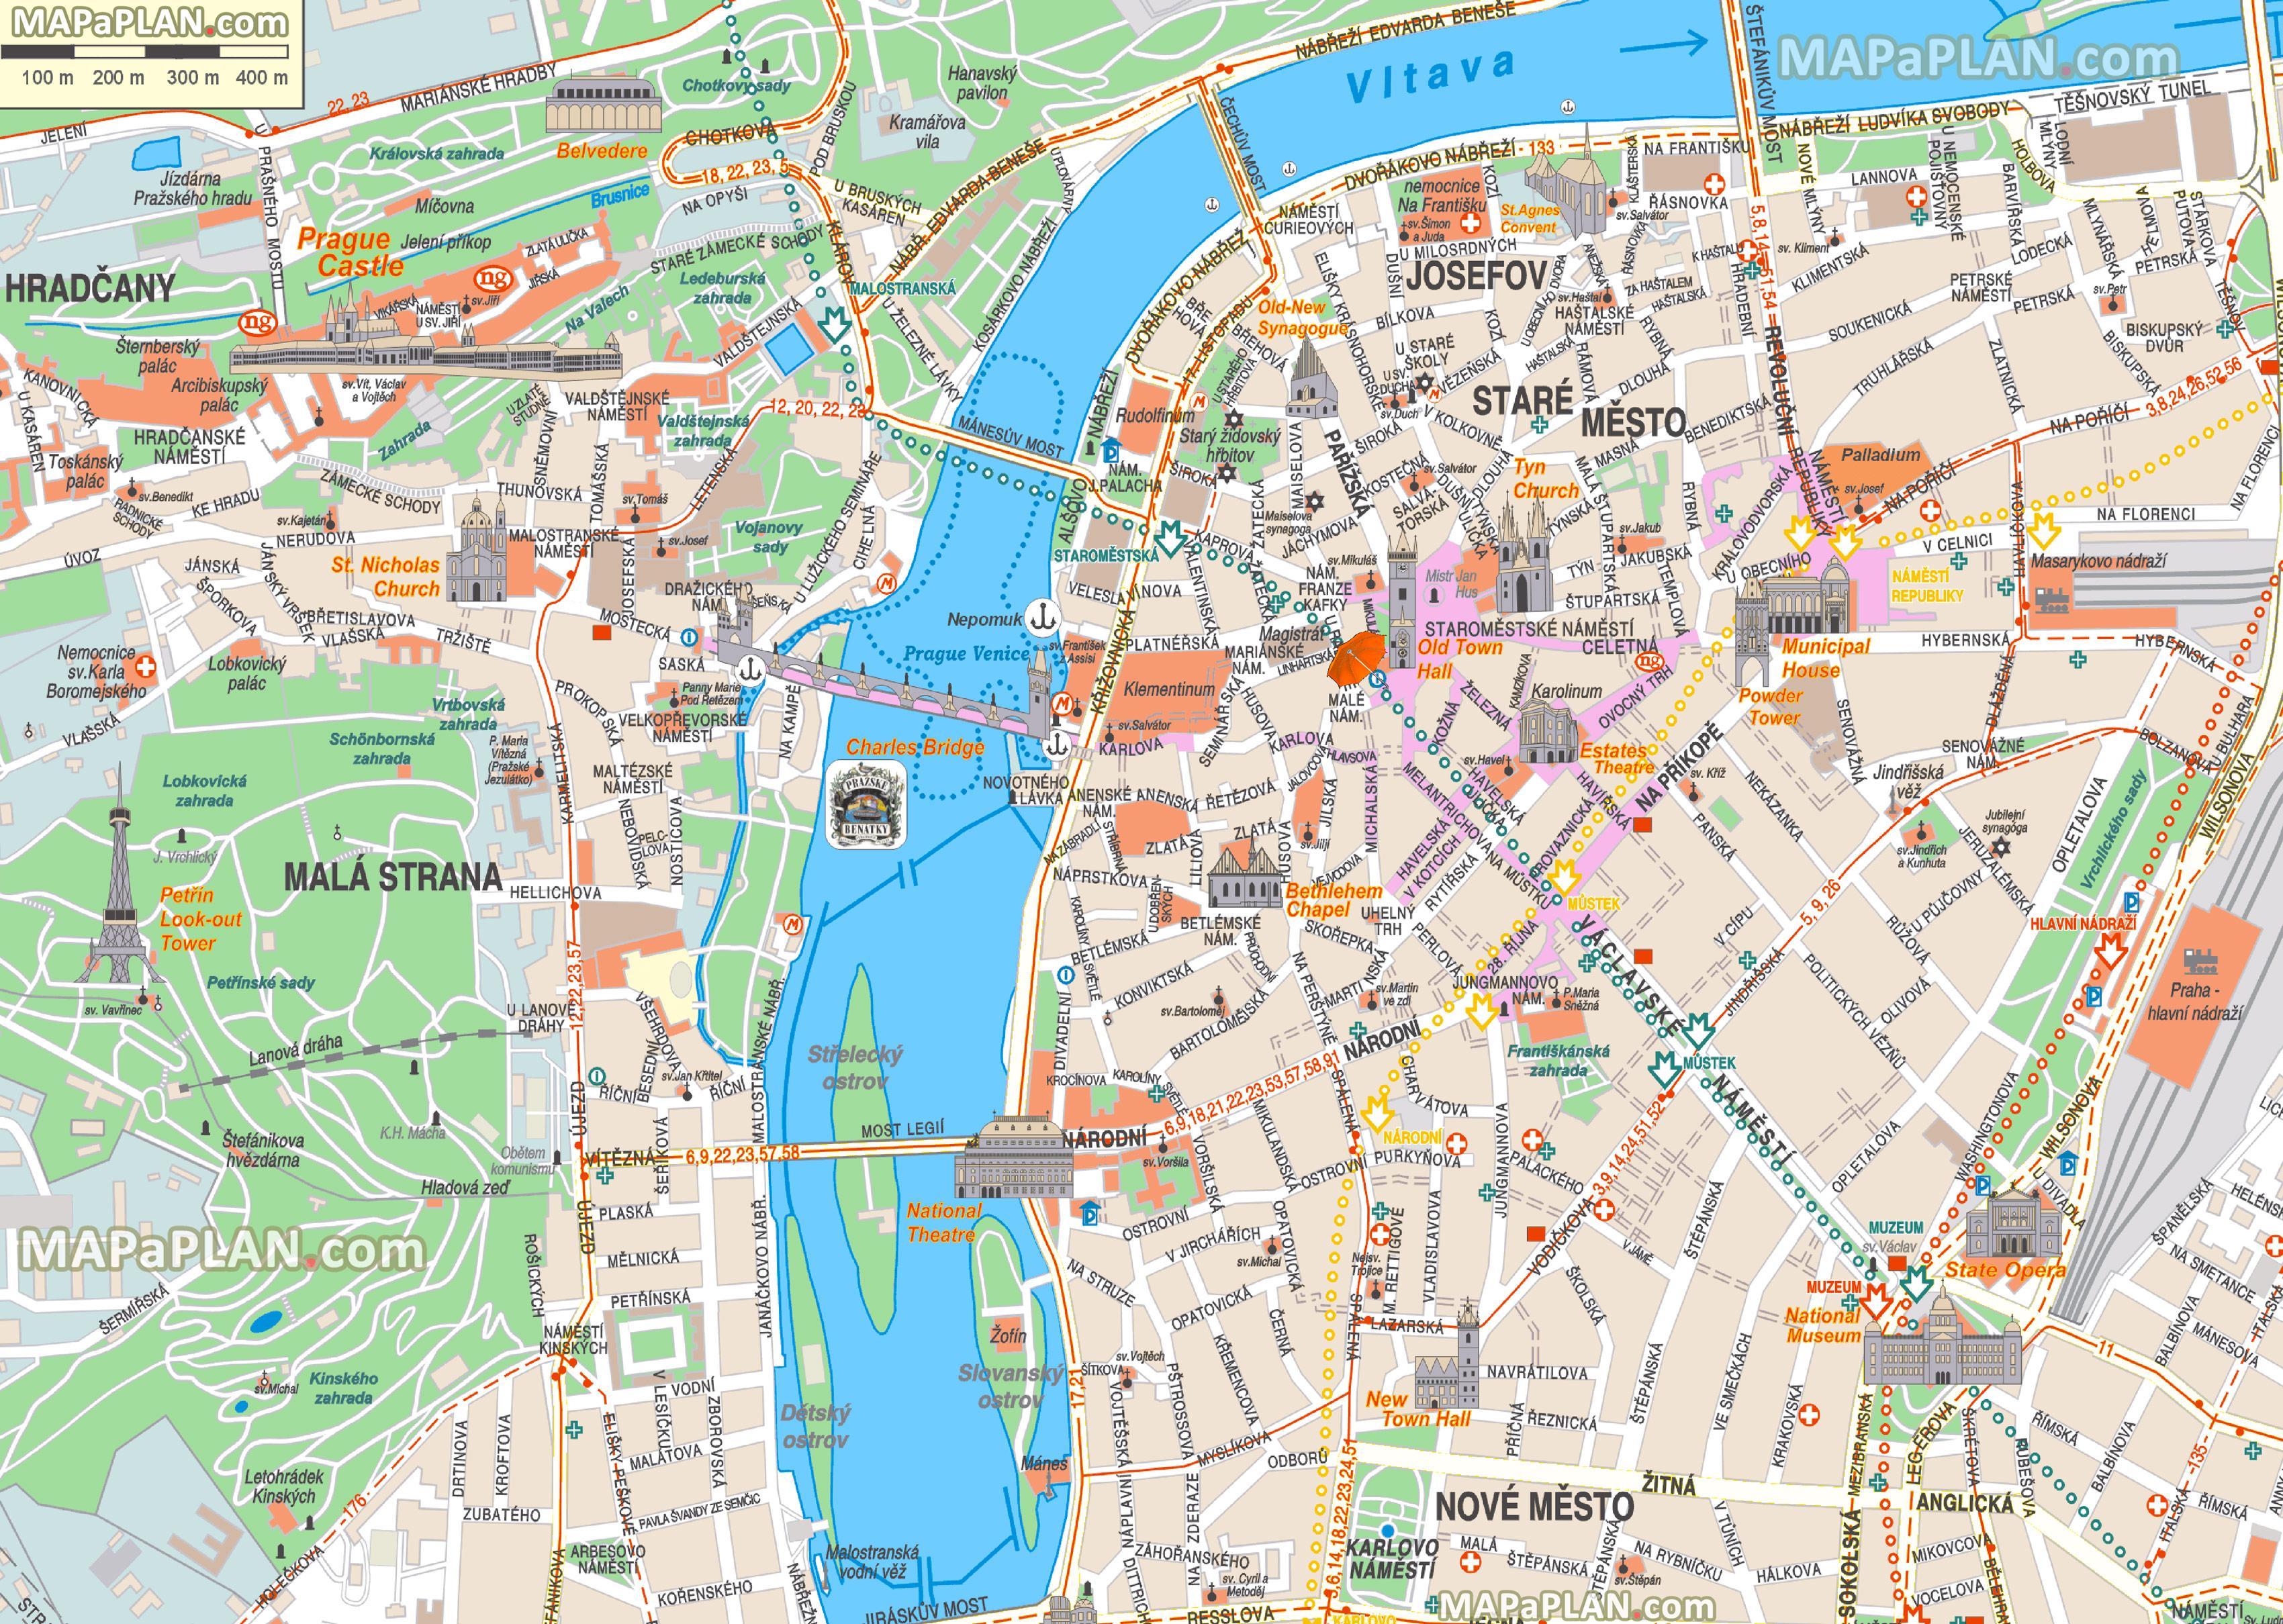 Prag offline map - Offline Karte von Prag (Böhmen, Tschechien) on